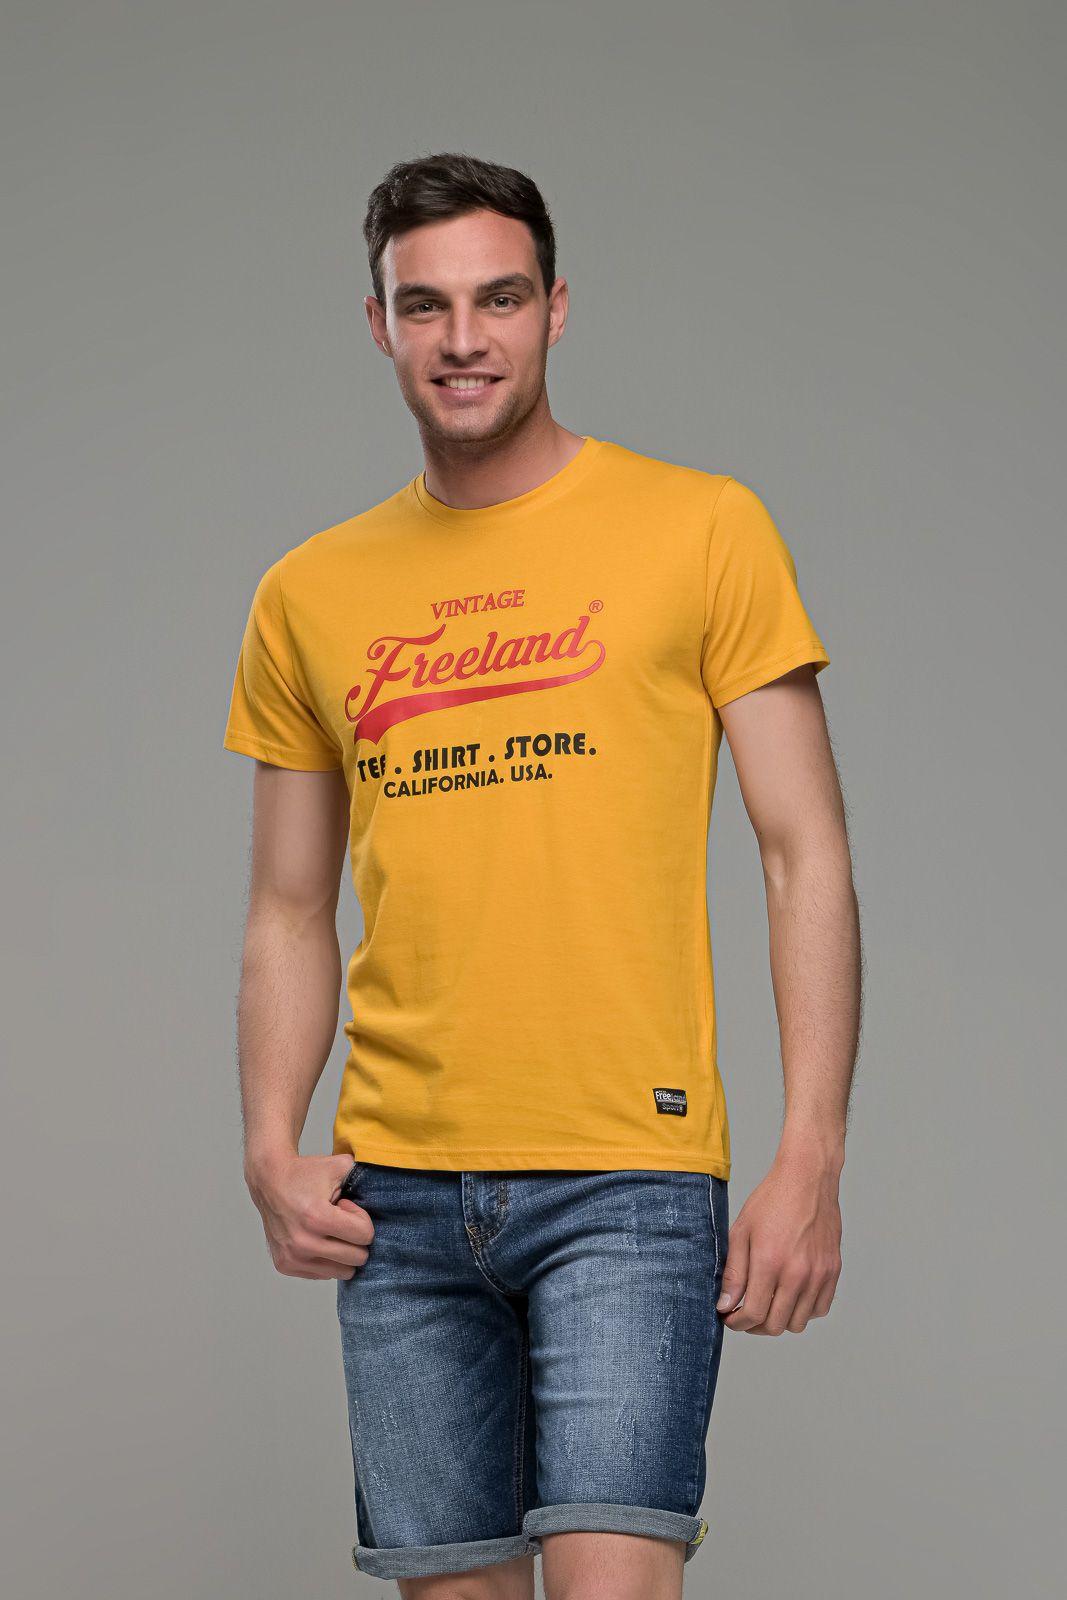 φθηνό casual κίτρινο ανδρικό κοντομάνικο T-SHIRT FR με Στάμπα TEE SHIRT STORE καλοκαιρινό μπλουζάκι